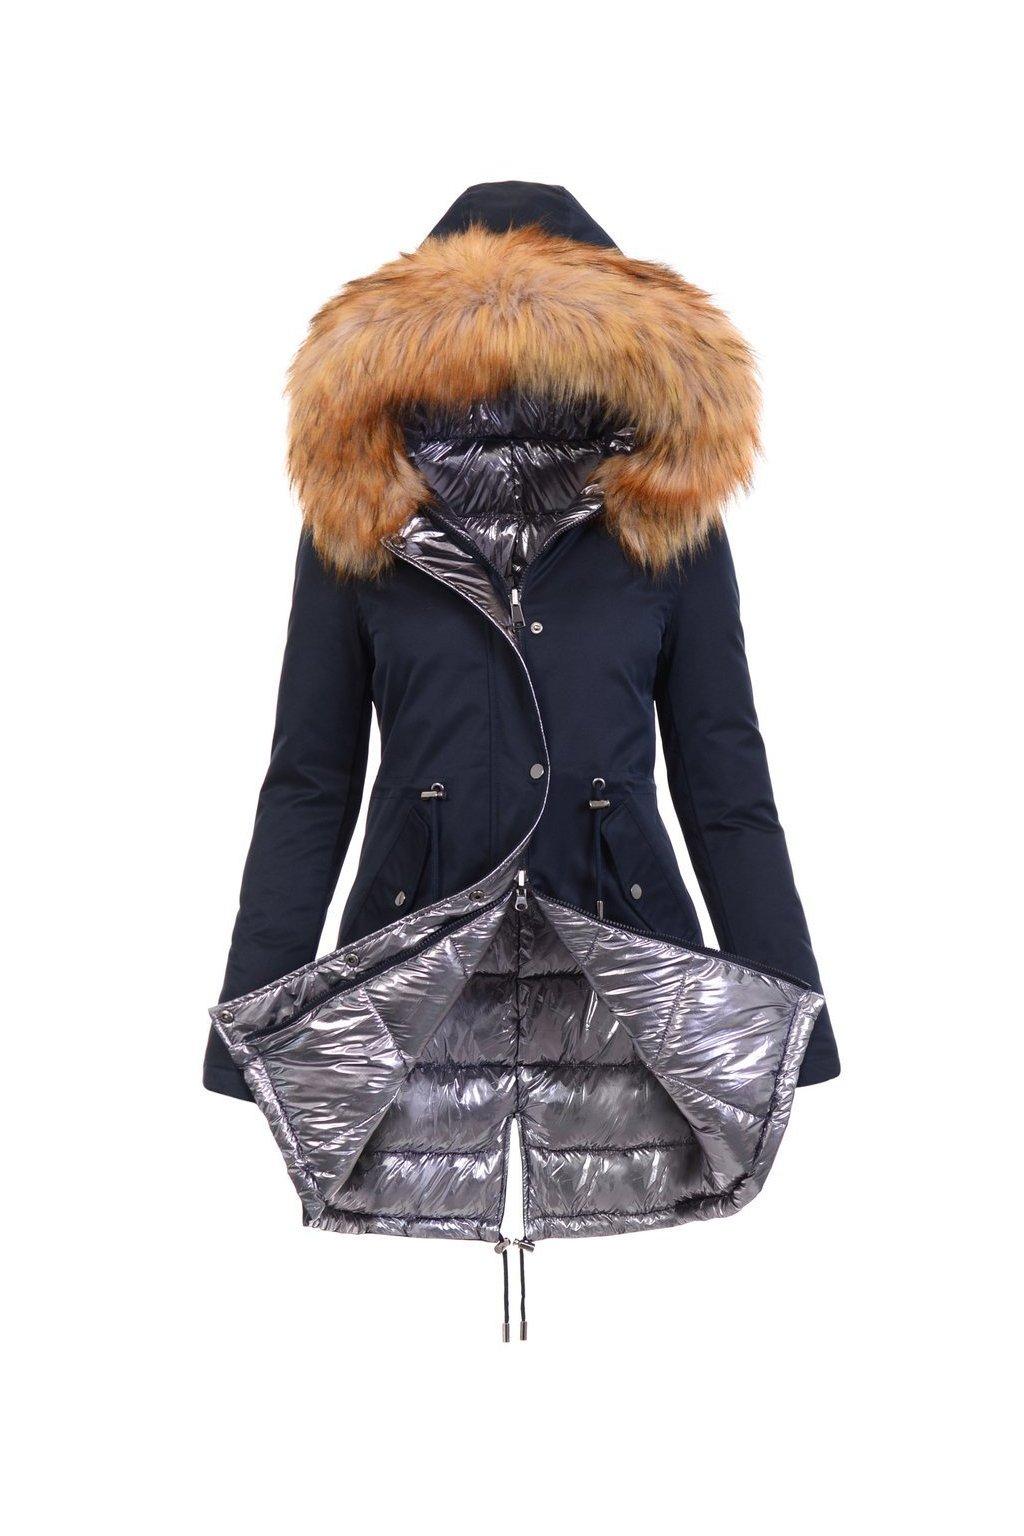 Obojstranná dámska zimná bunda 4840 modrá